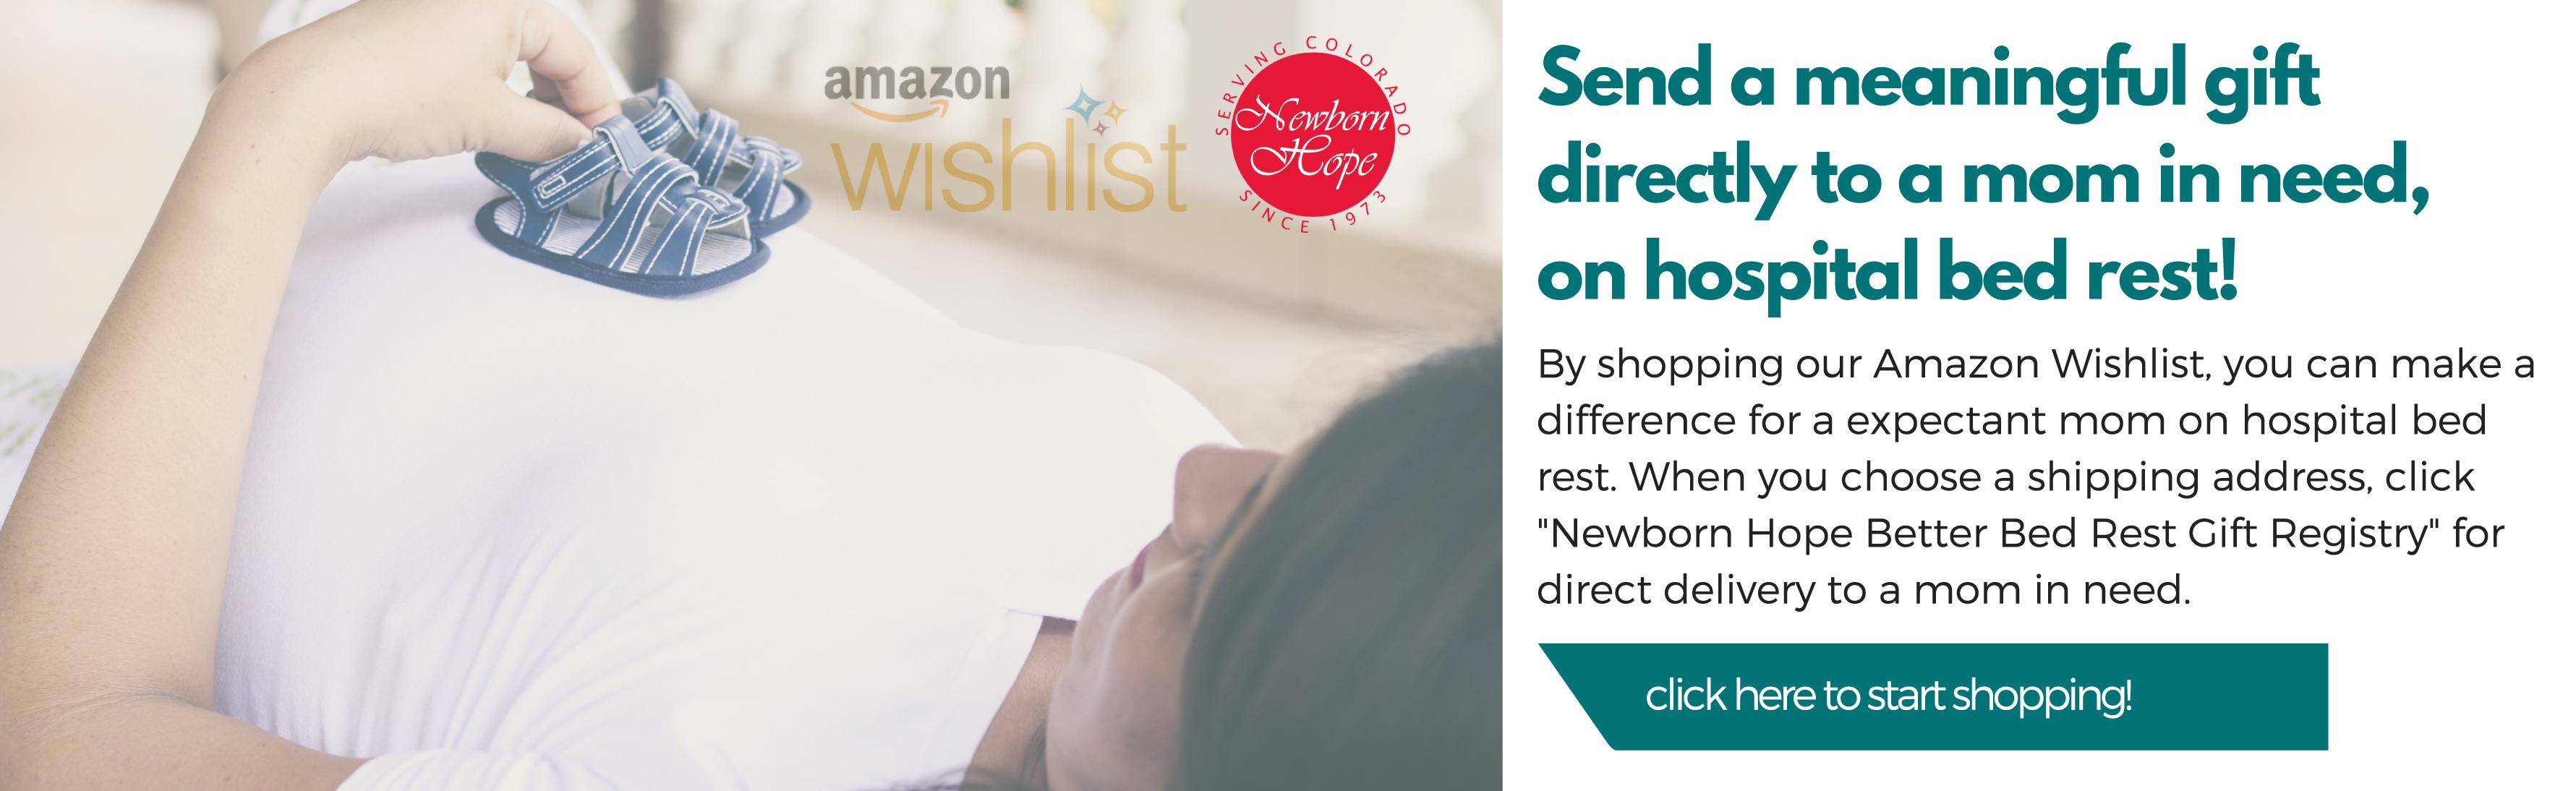 Amazon wishlist web banner